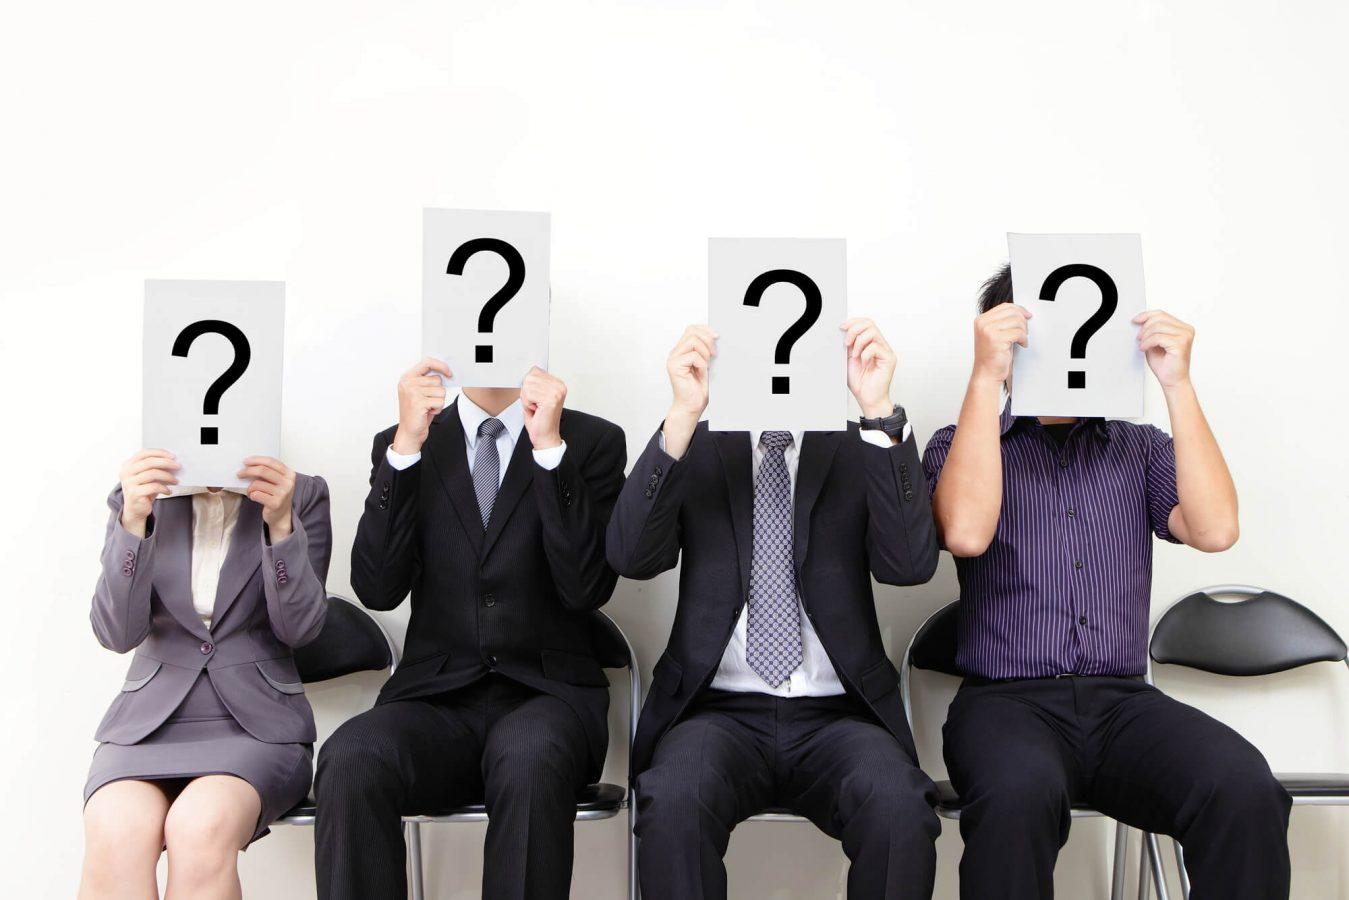 איך למכור את עצמך בראיון עבודה